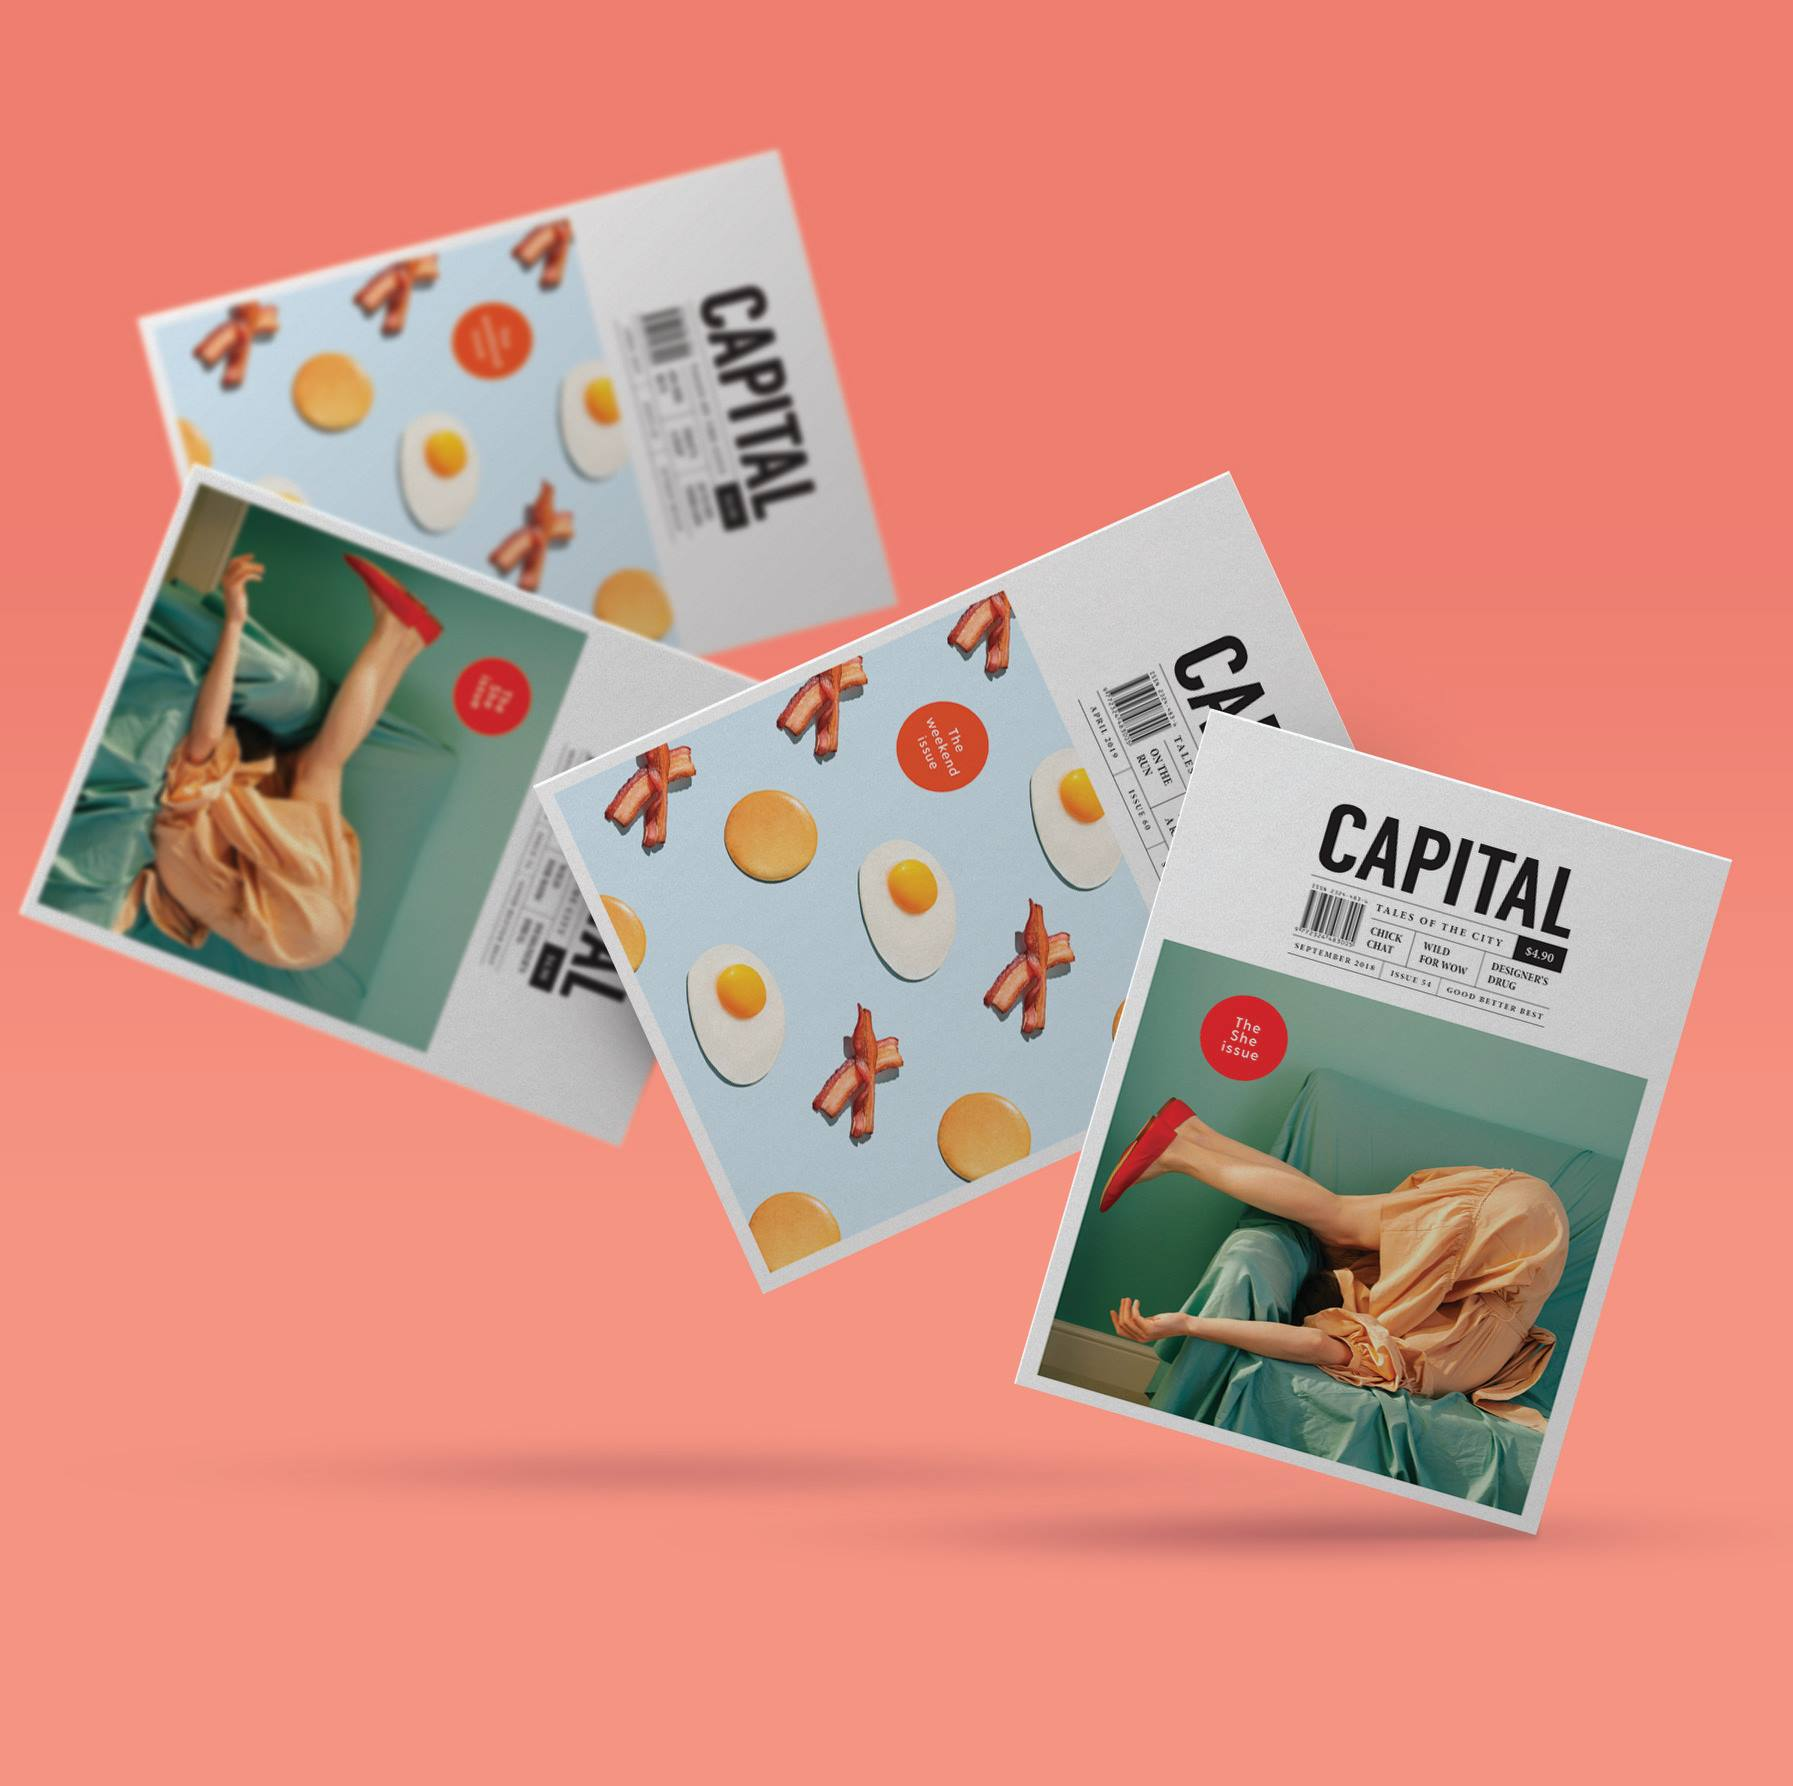 Image: Capital Magazine